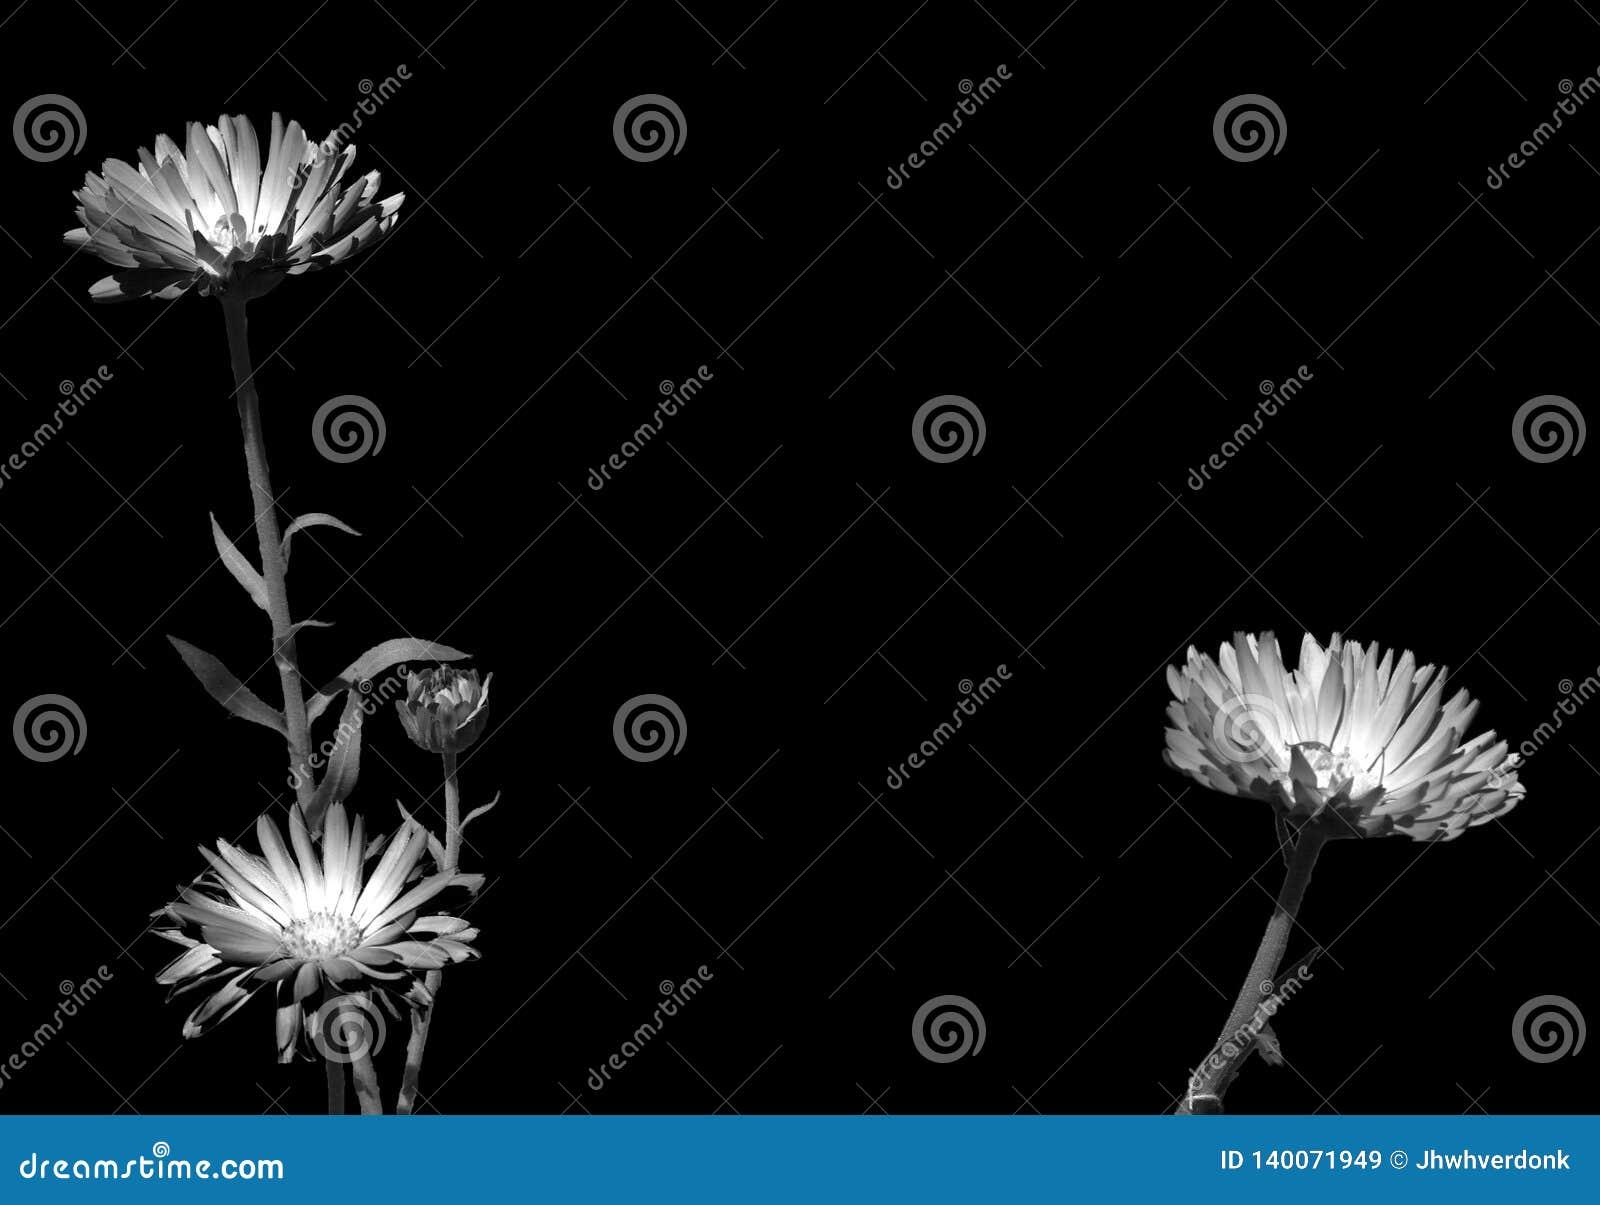 Svartvitt foto av tre växter och deras stammar, med härliga fluorescerande blommor